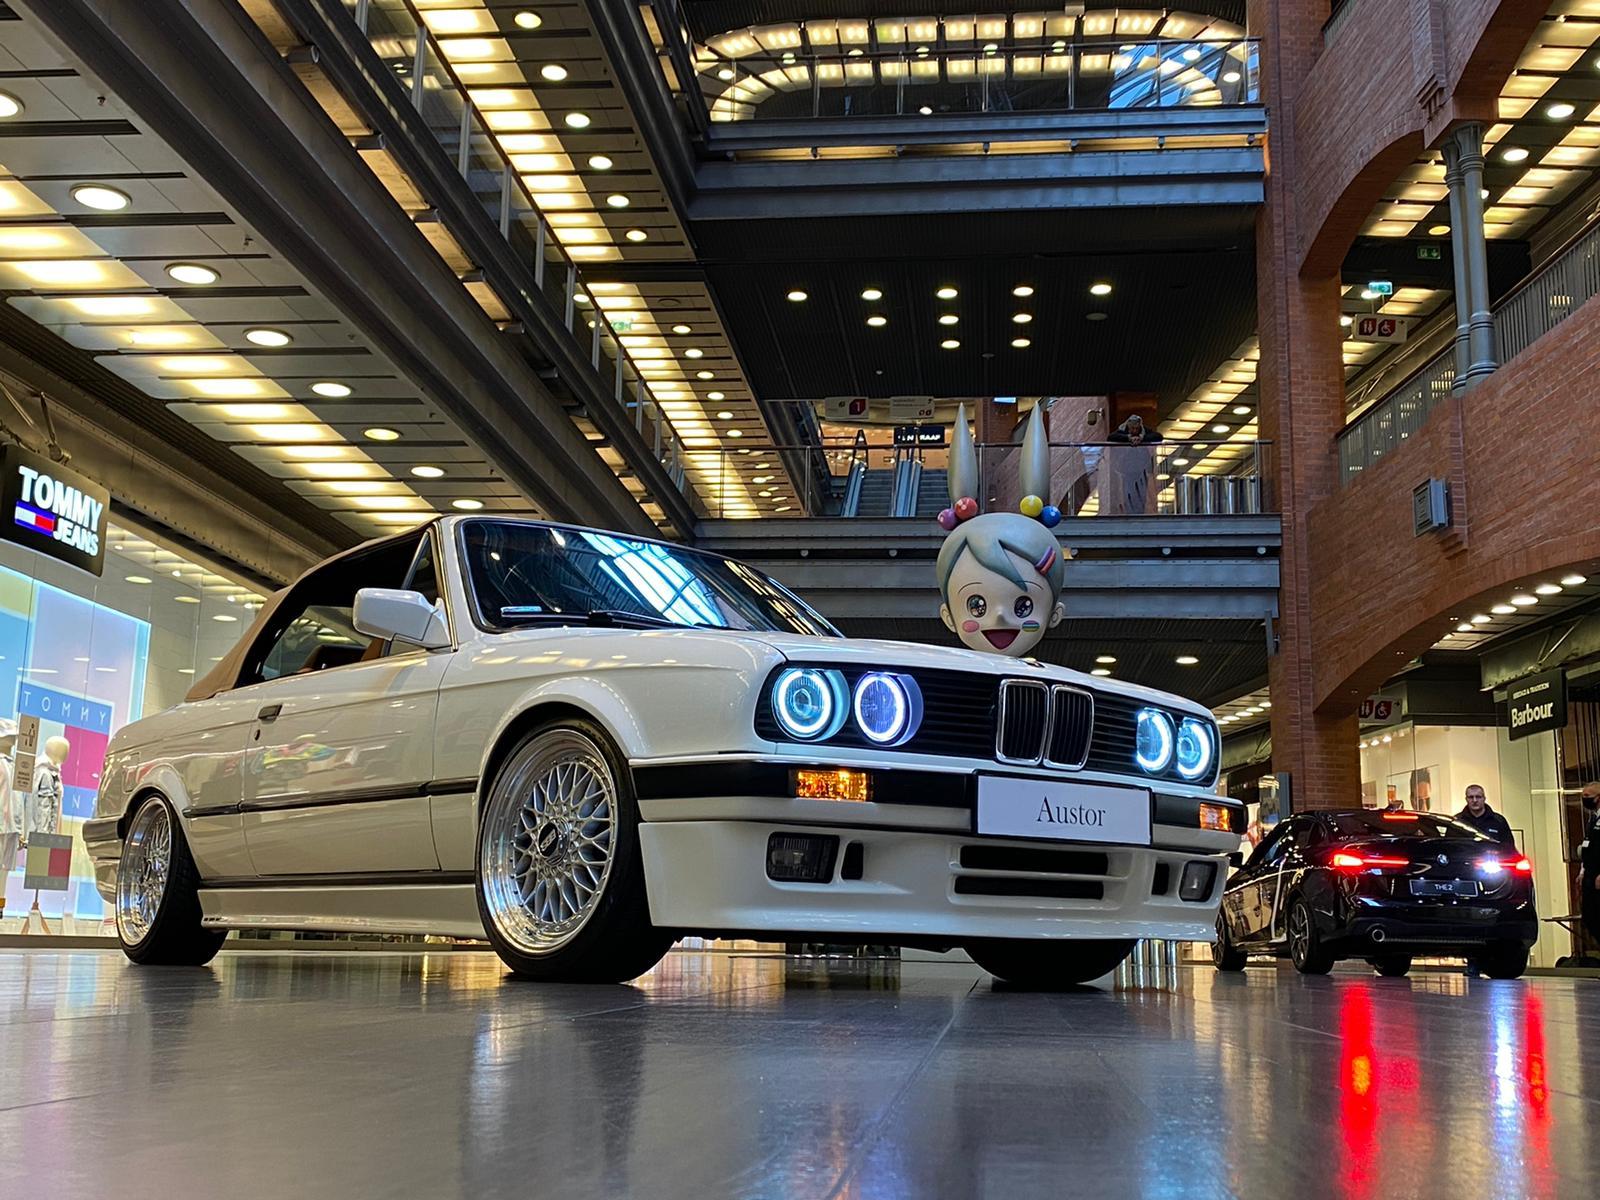 Stare kontra nowe, czyli dwa wyjątkowe BMW w Starym Browarze